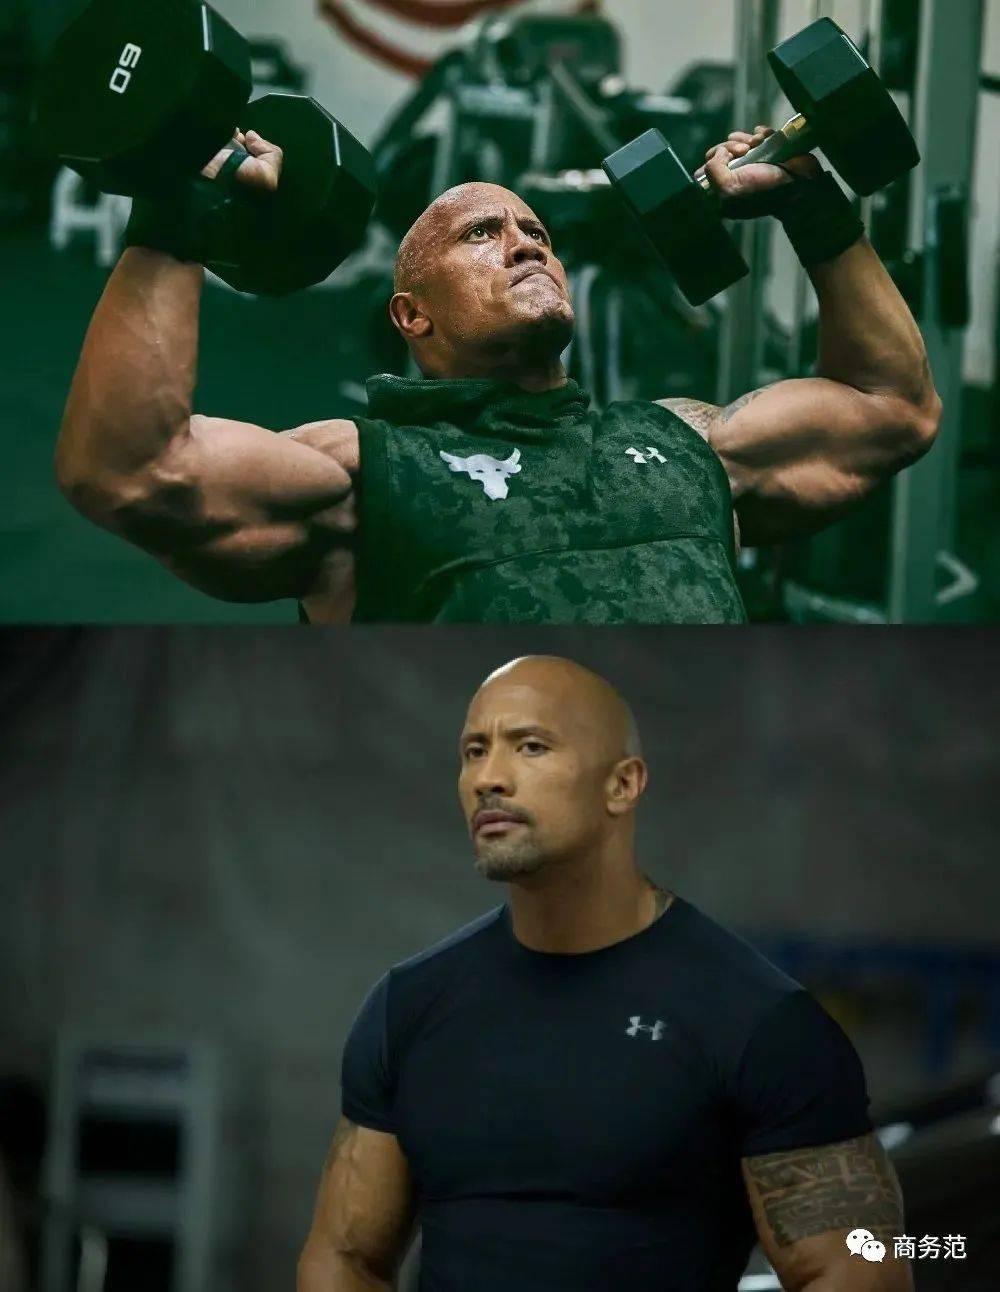 5个型男必备的健身衣品牌,夏天肌肉练起来 动作教学 第18张